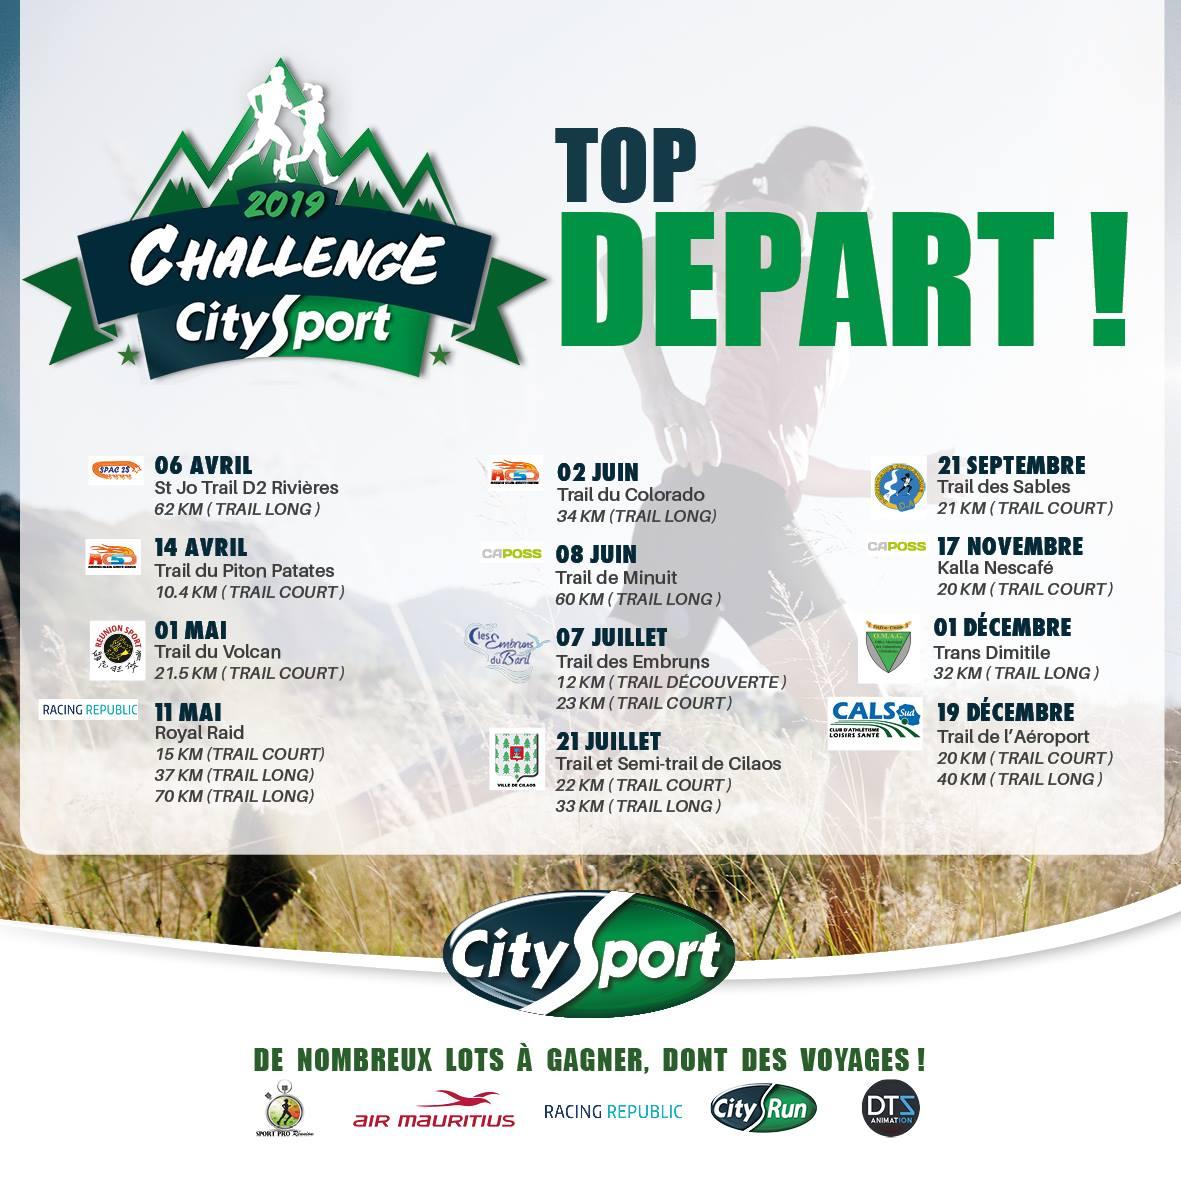 Affiche-Challenge-City-Sport-2019